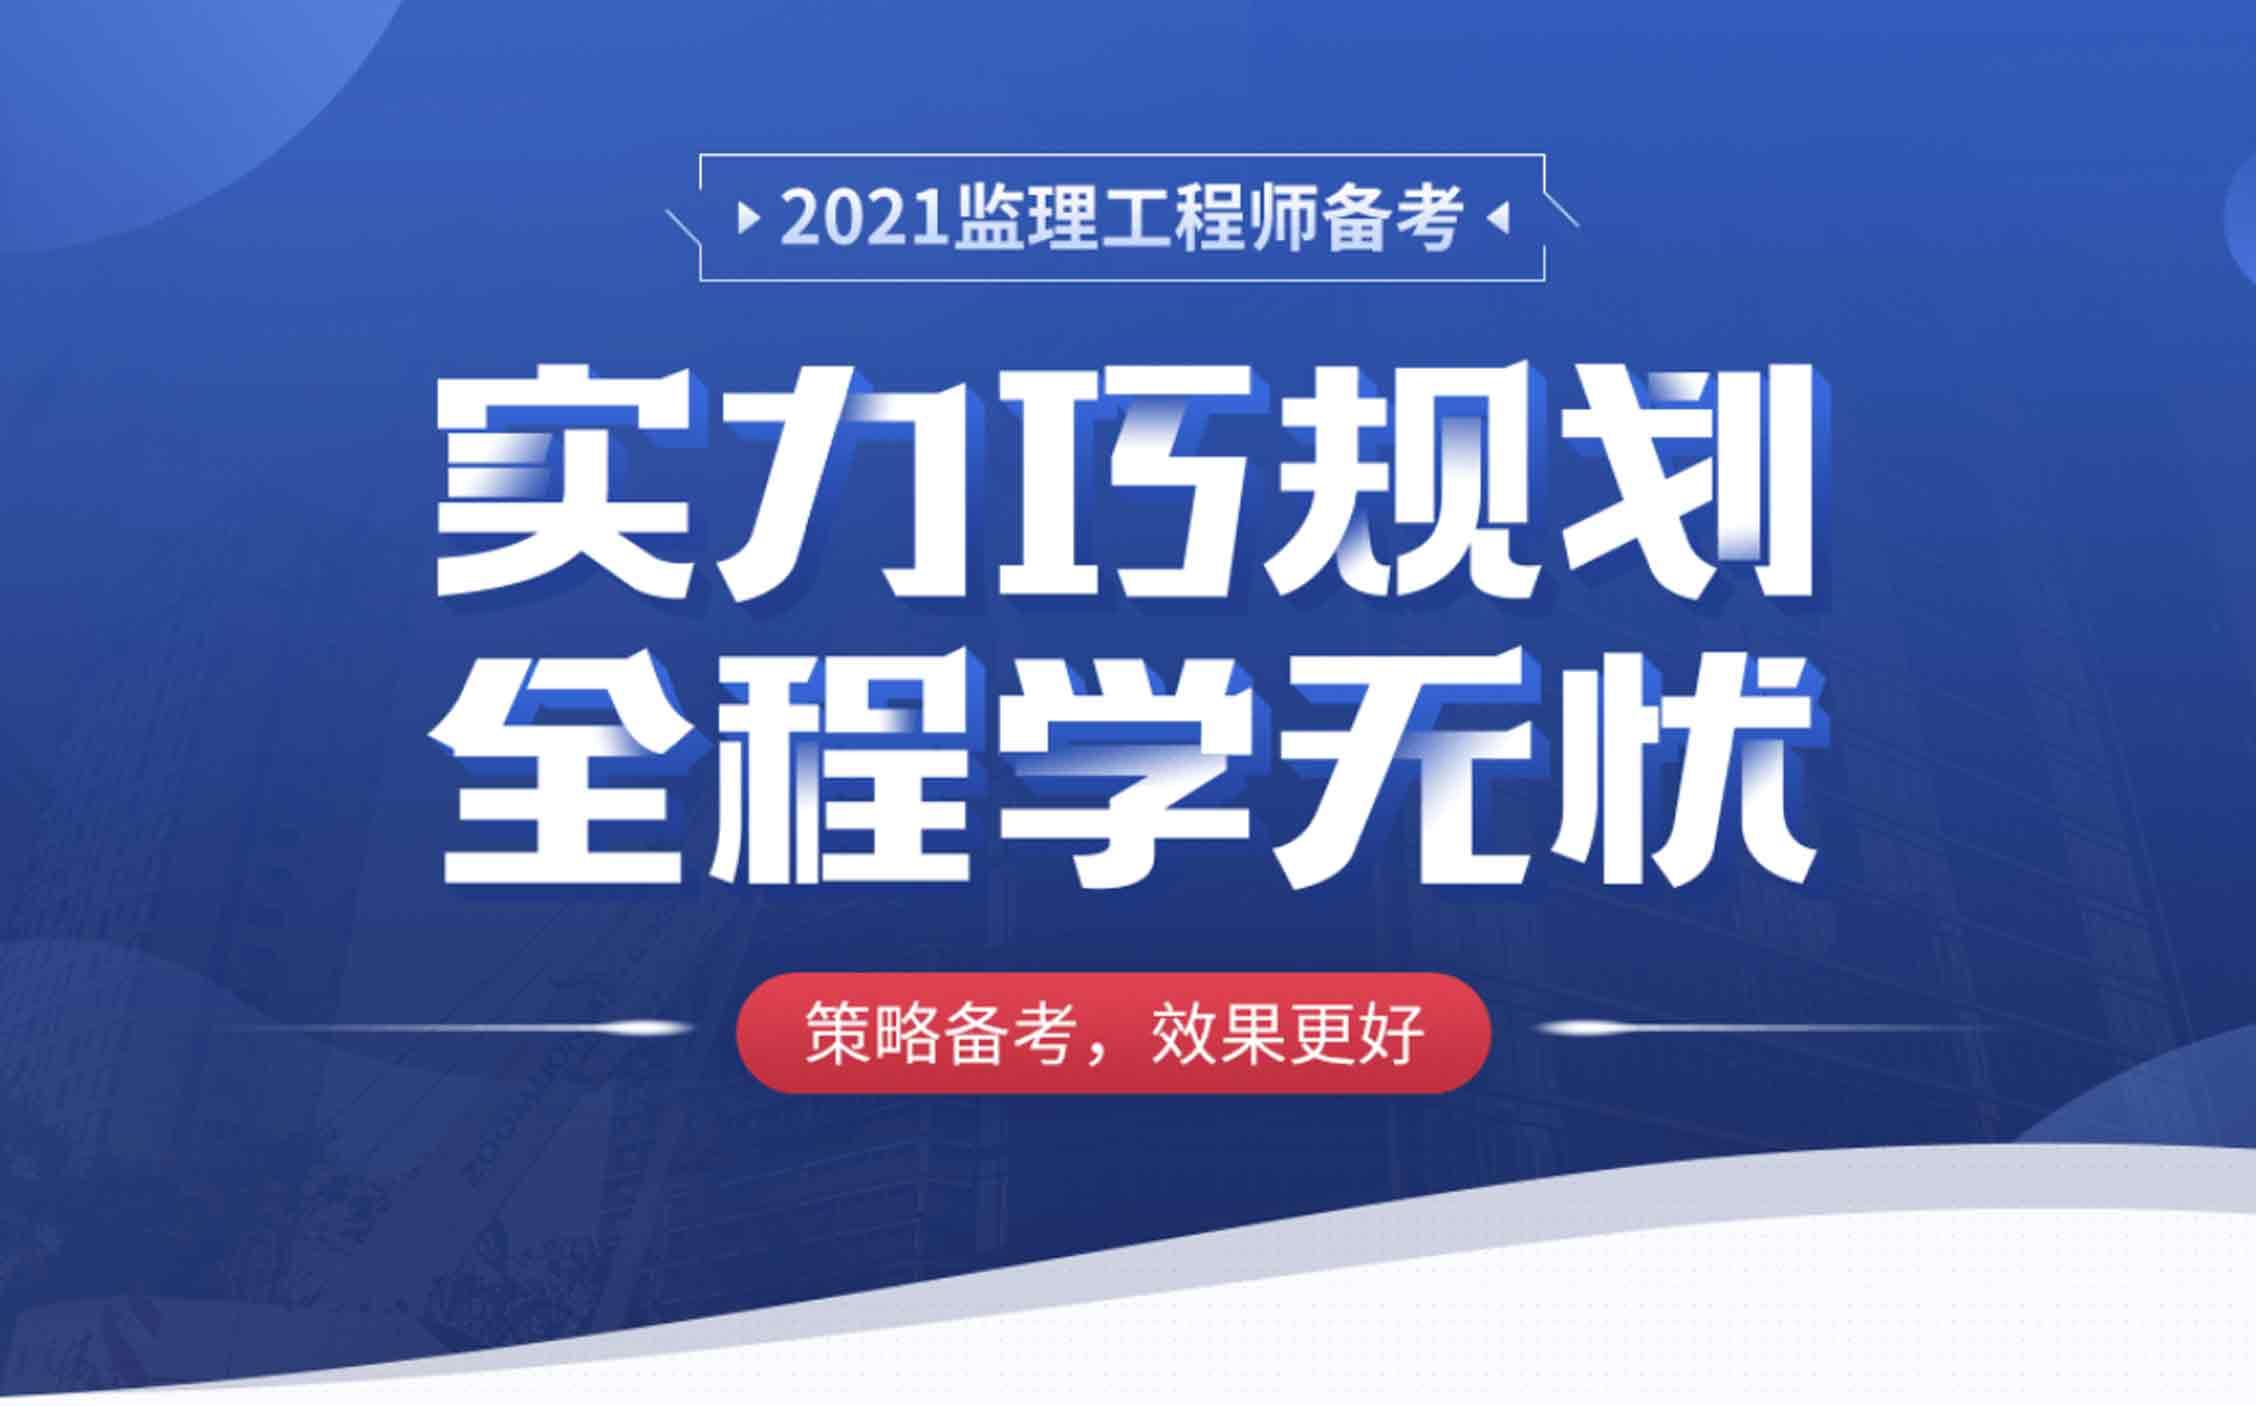 贛州2021監理工程師培訓